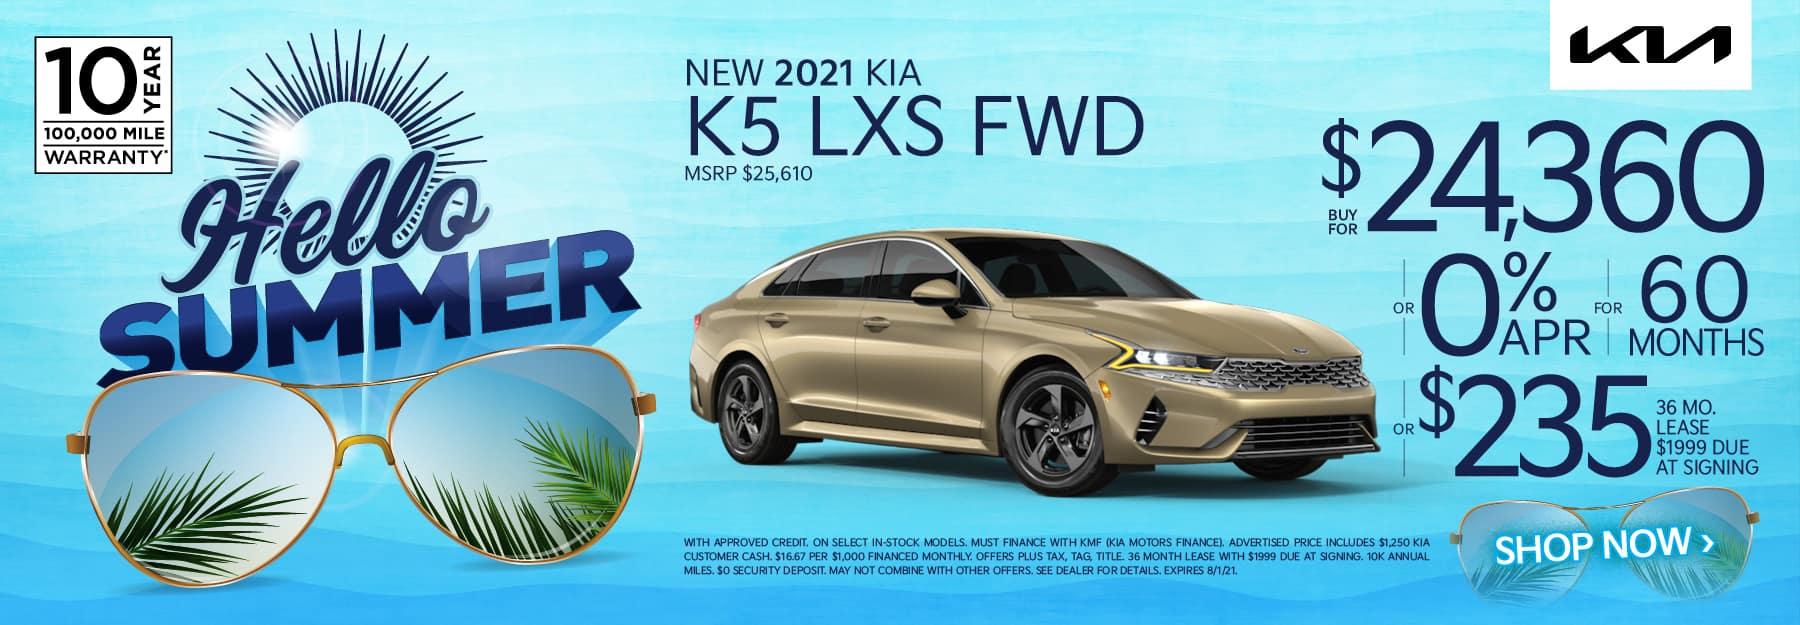 1715787-OKB-July Offer WBs4-1800×625